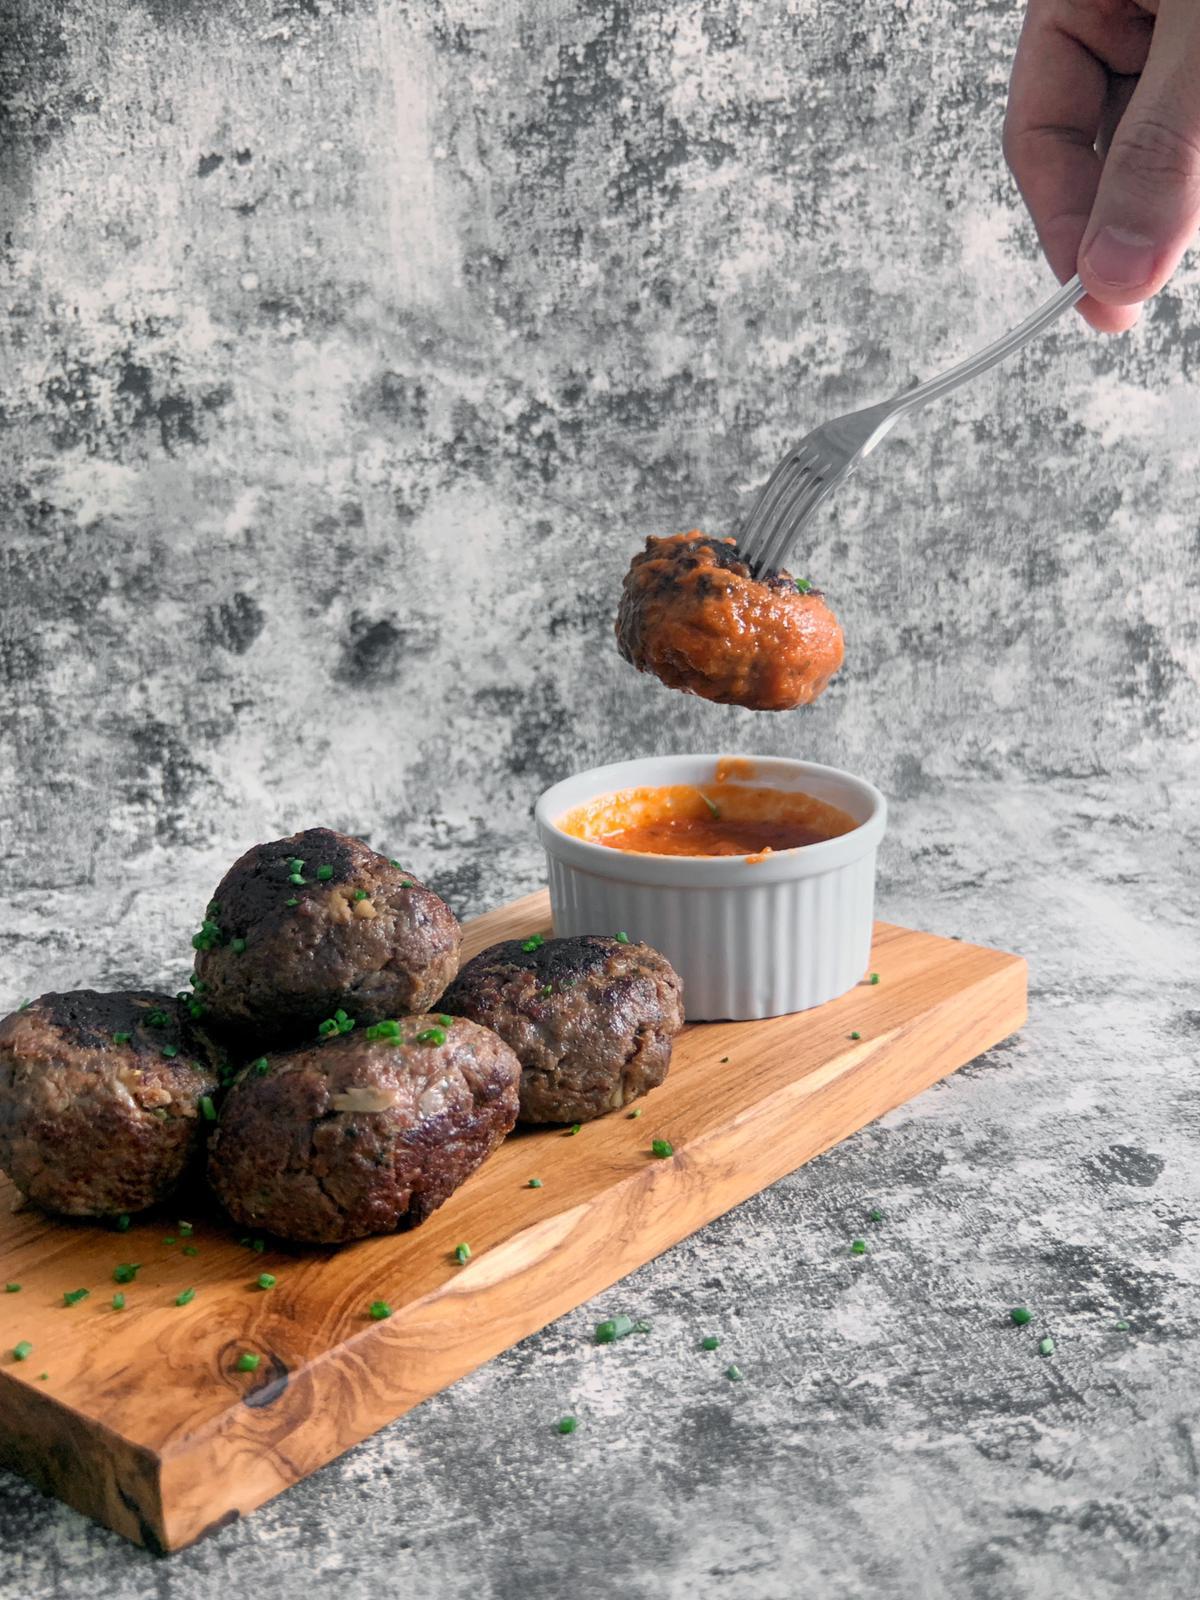 Homemade Beef Meatballs